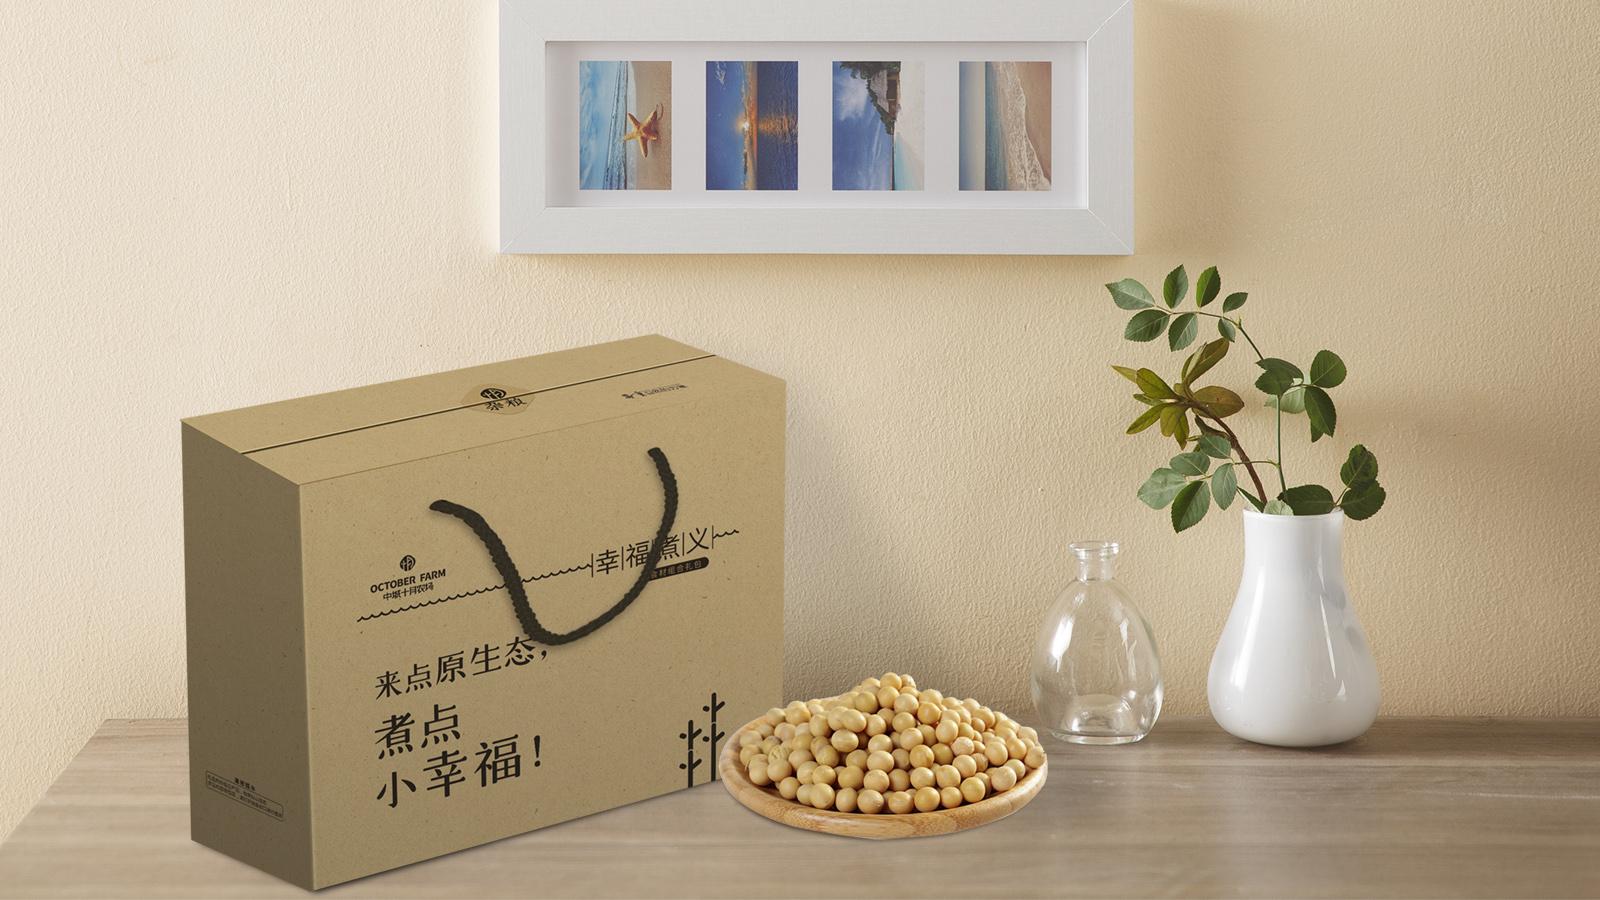 武汉农业品牌策划设计公司